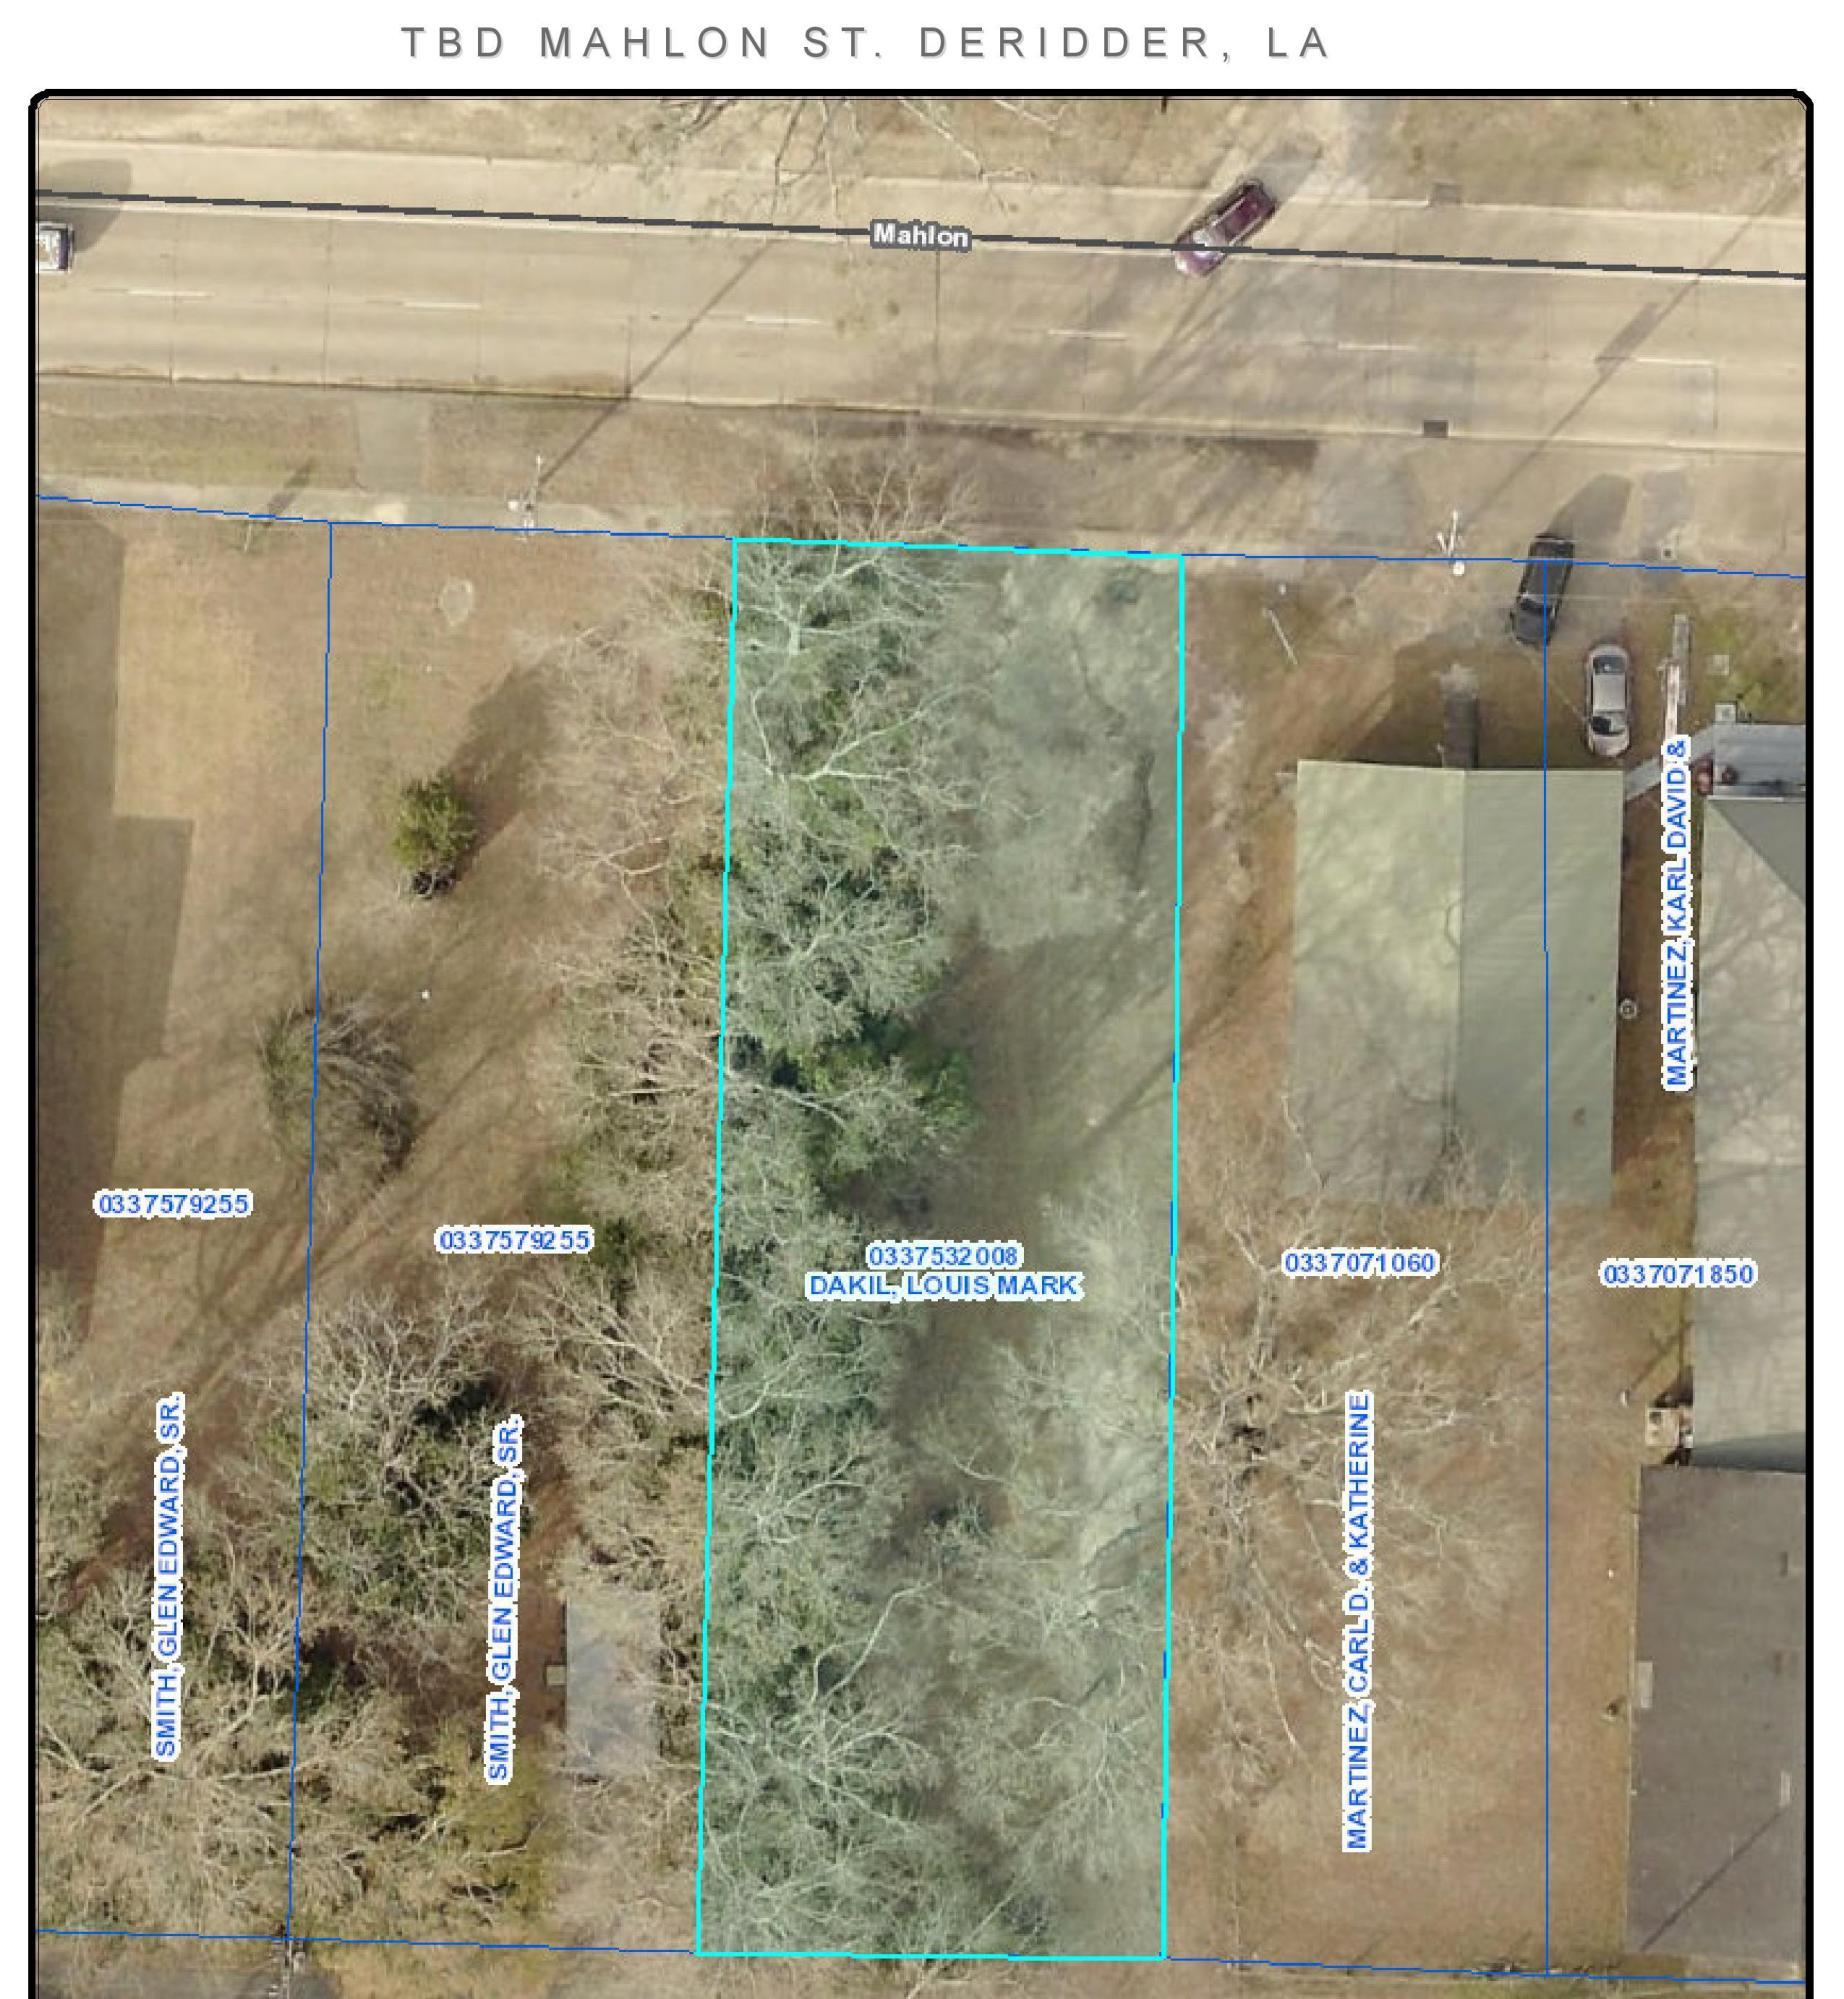 DeRidder land for sale,  Mahlon St, DeRidder LA - $79,900